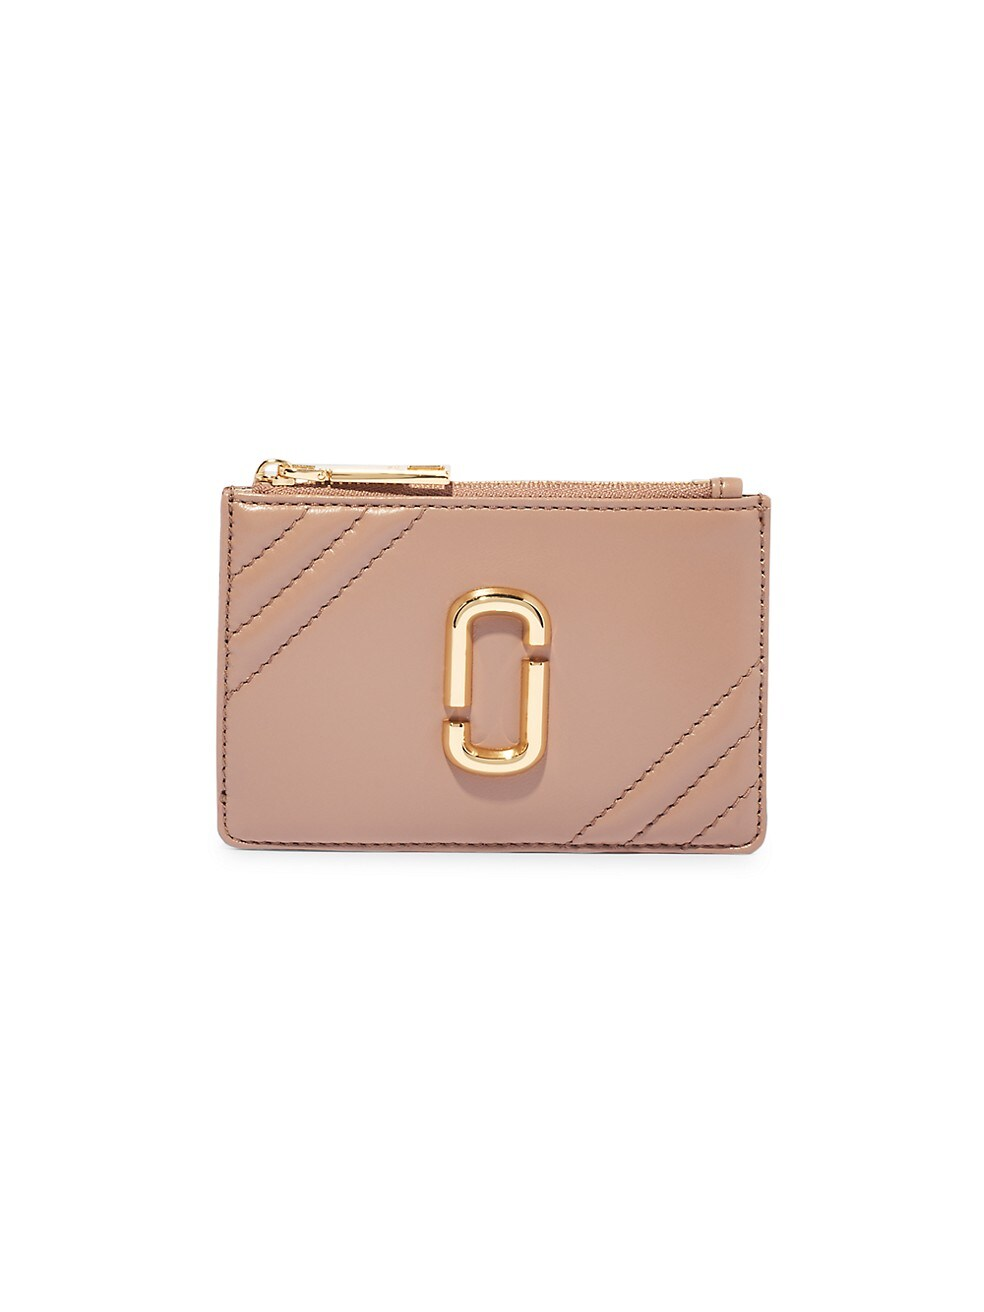 마크 제이콥스 지갑 Marc Jacobs Snapshot Leather Top-Zip Multi Wallet,DUSTY BEIGE